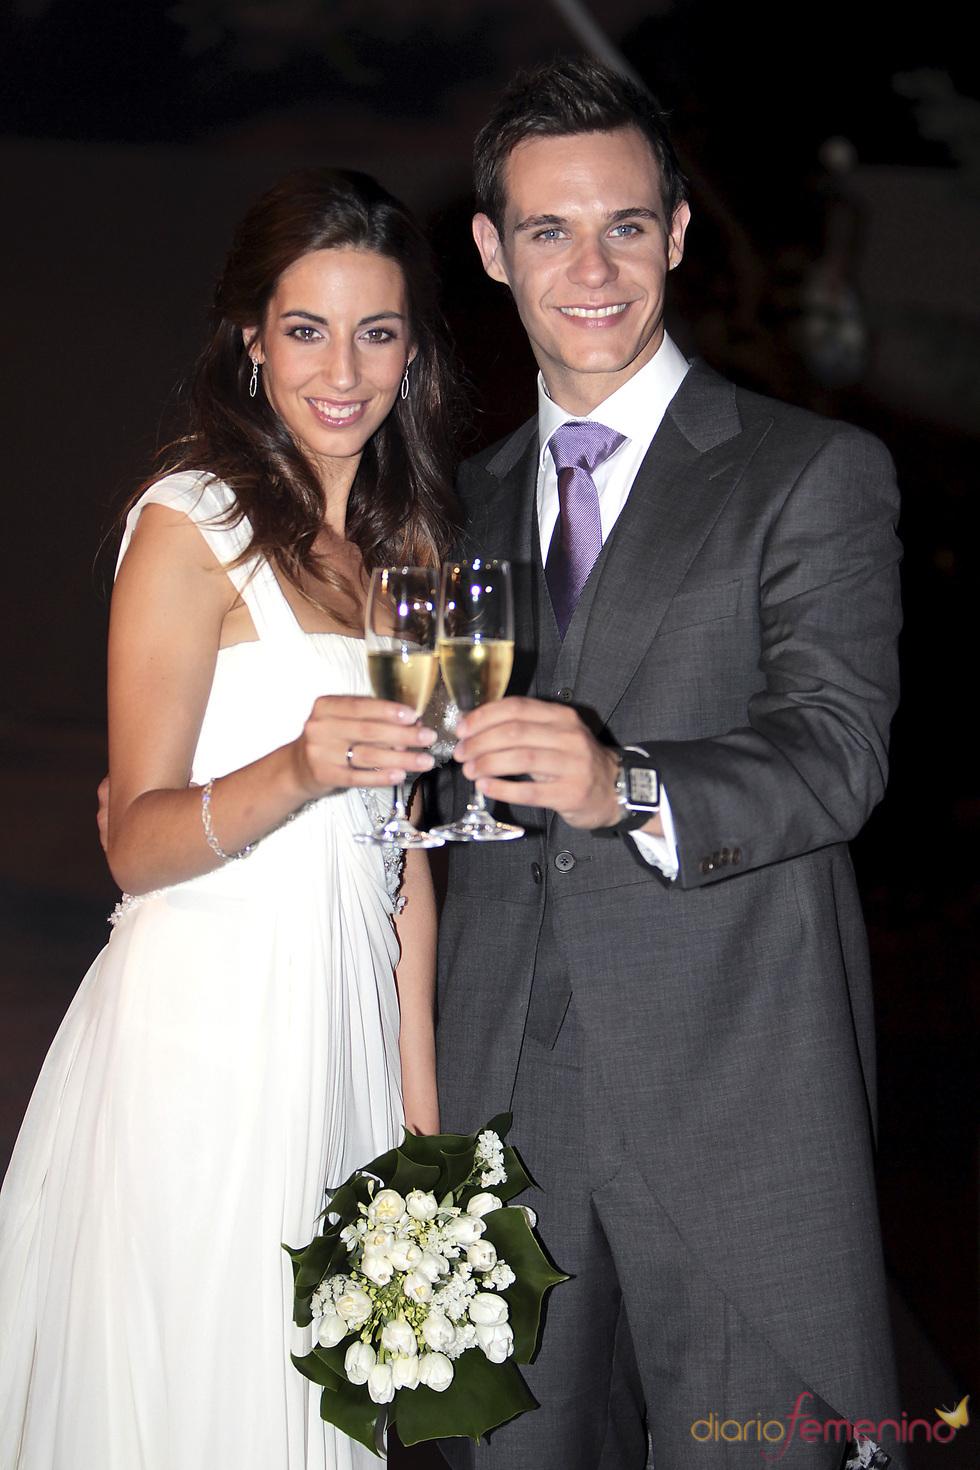 Almudena Cid y Christian Gálvez brindan tras su boda